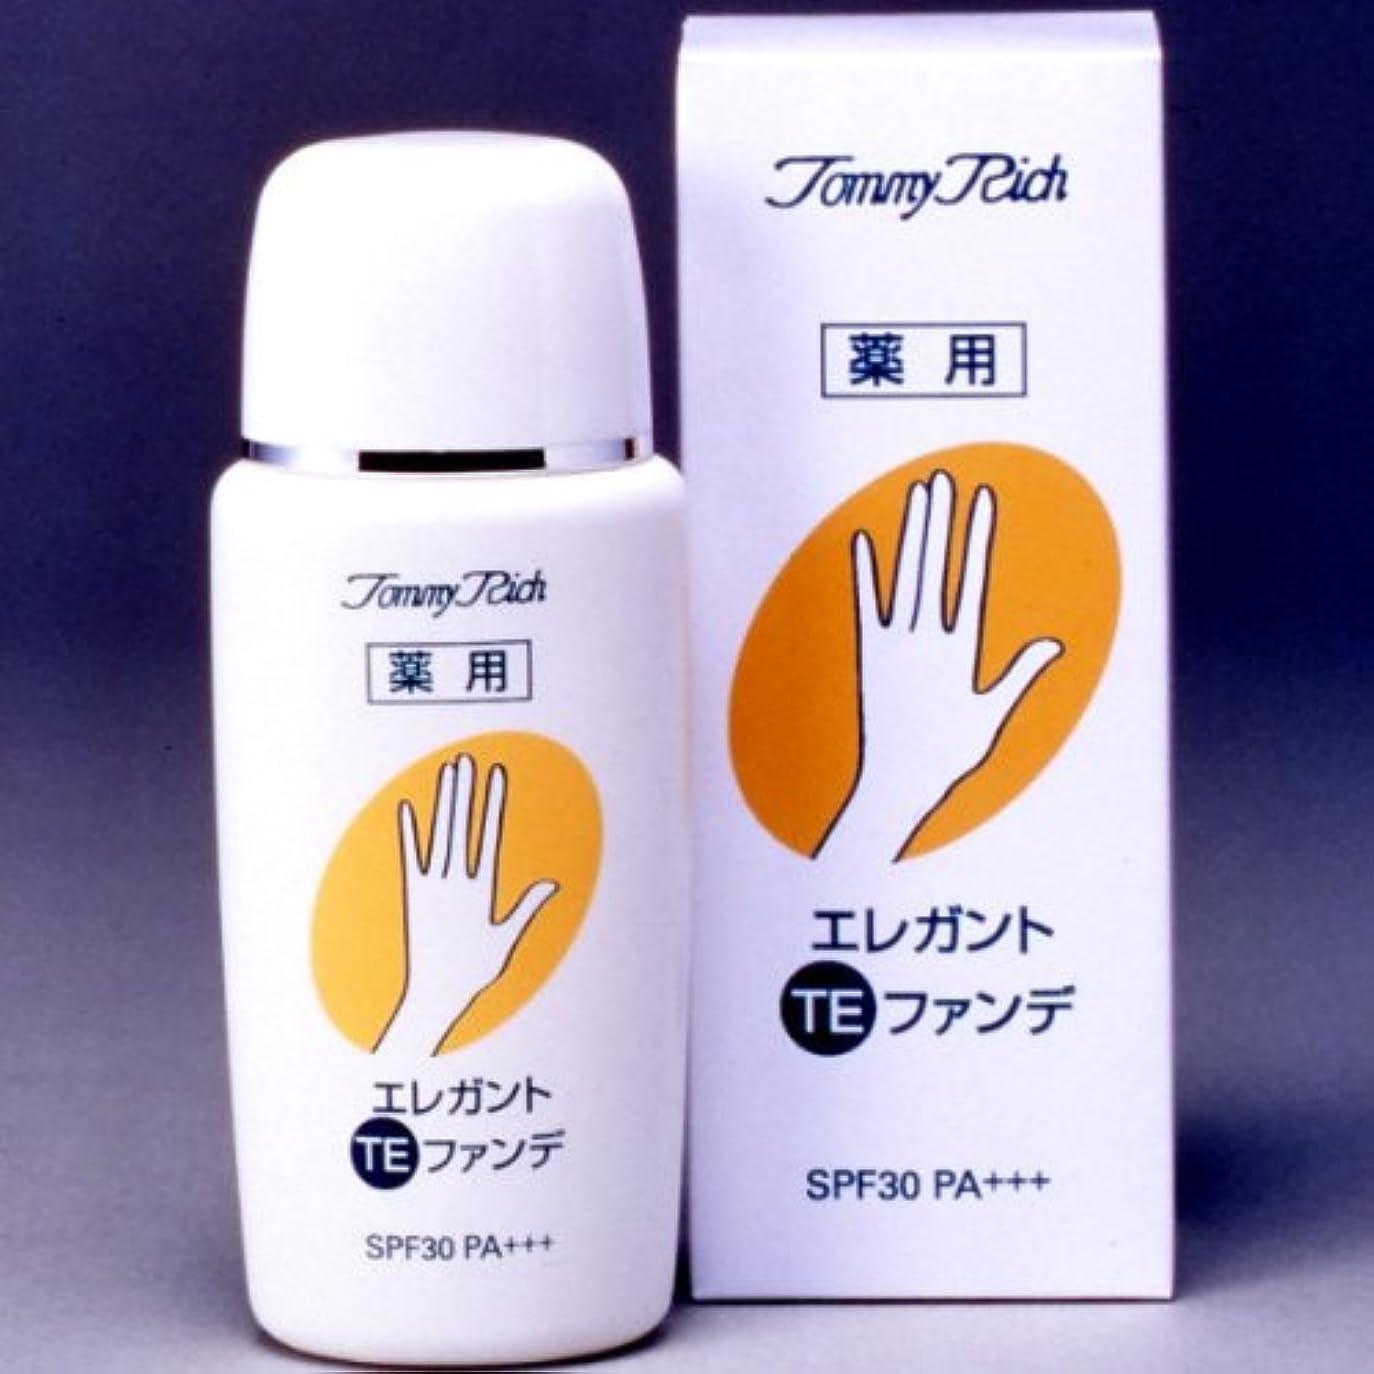 ペイン言う意味する手や腕のシミや老班をカバーして、白く清潔で美しい手になる!!『薬用エレガントTEファンデ 』